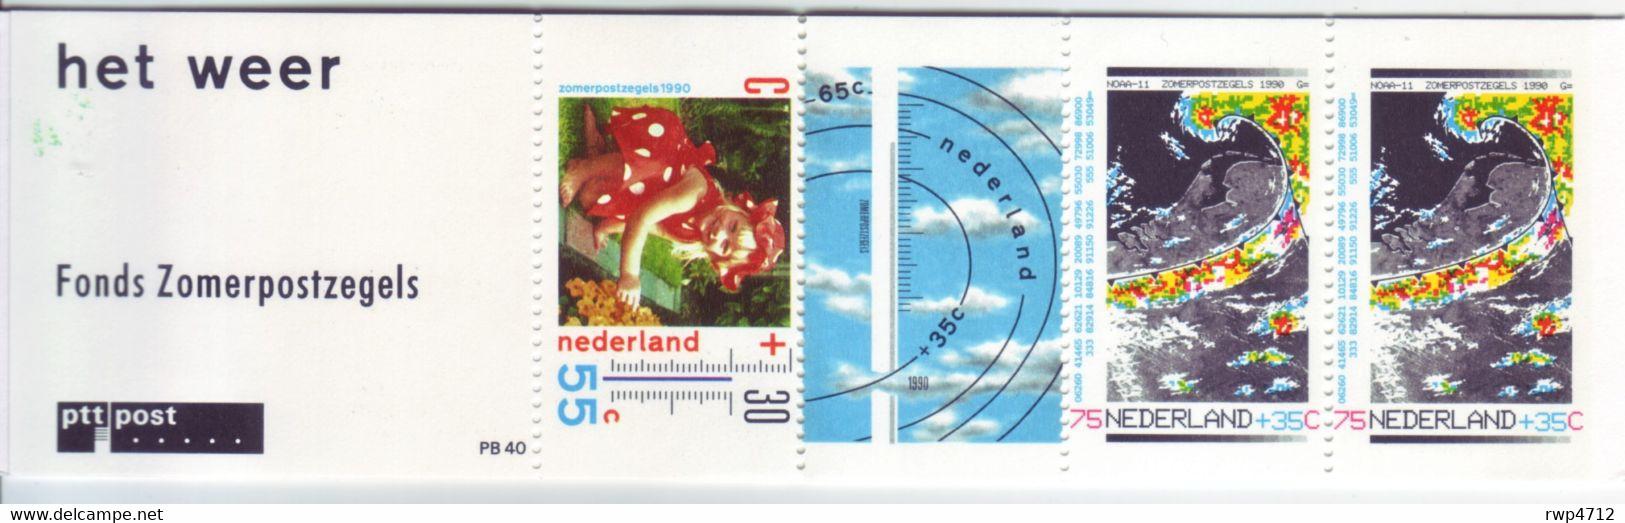 NIEDERLANDE     Mi. MH 41(PB 40)  Sommermarken Zomerpostzegels 1990 Postfrisch  Mint - Postzegelboekjes En Roltandingzegels